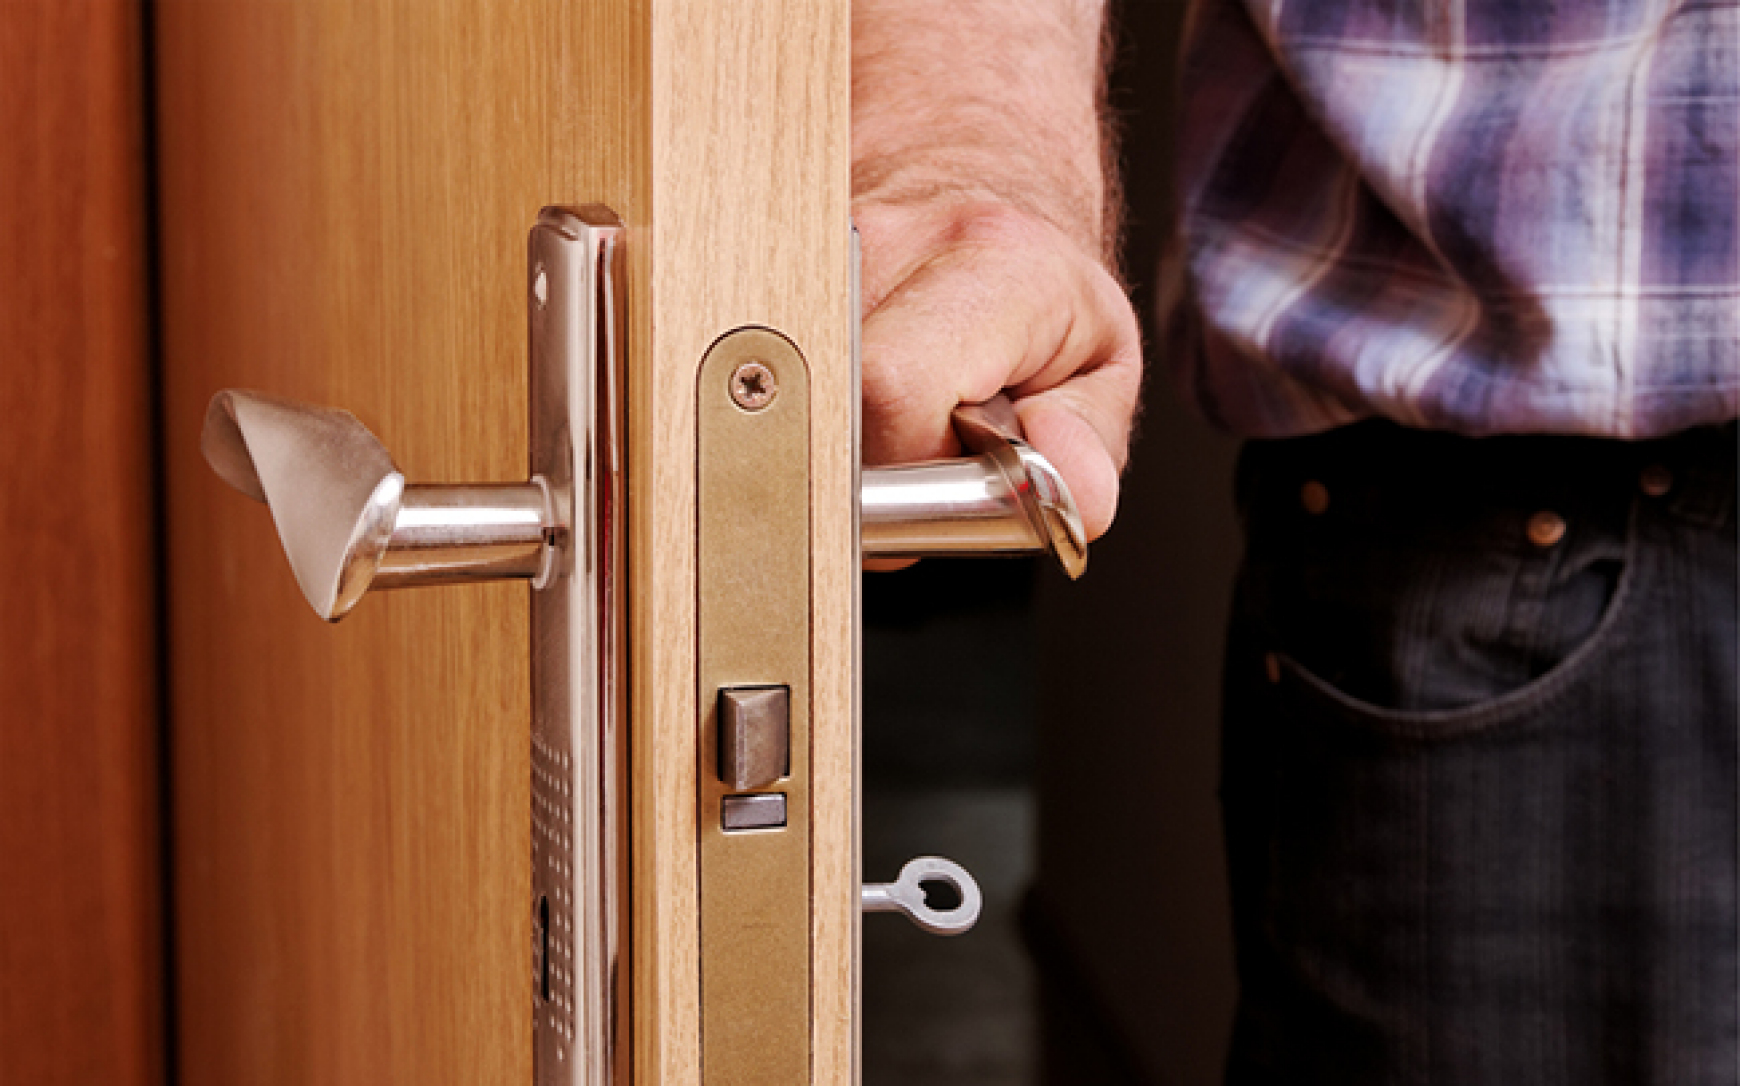 1516842930 imsis232 024 man door key